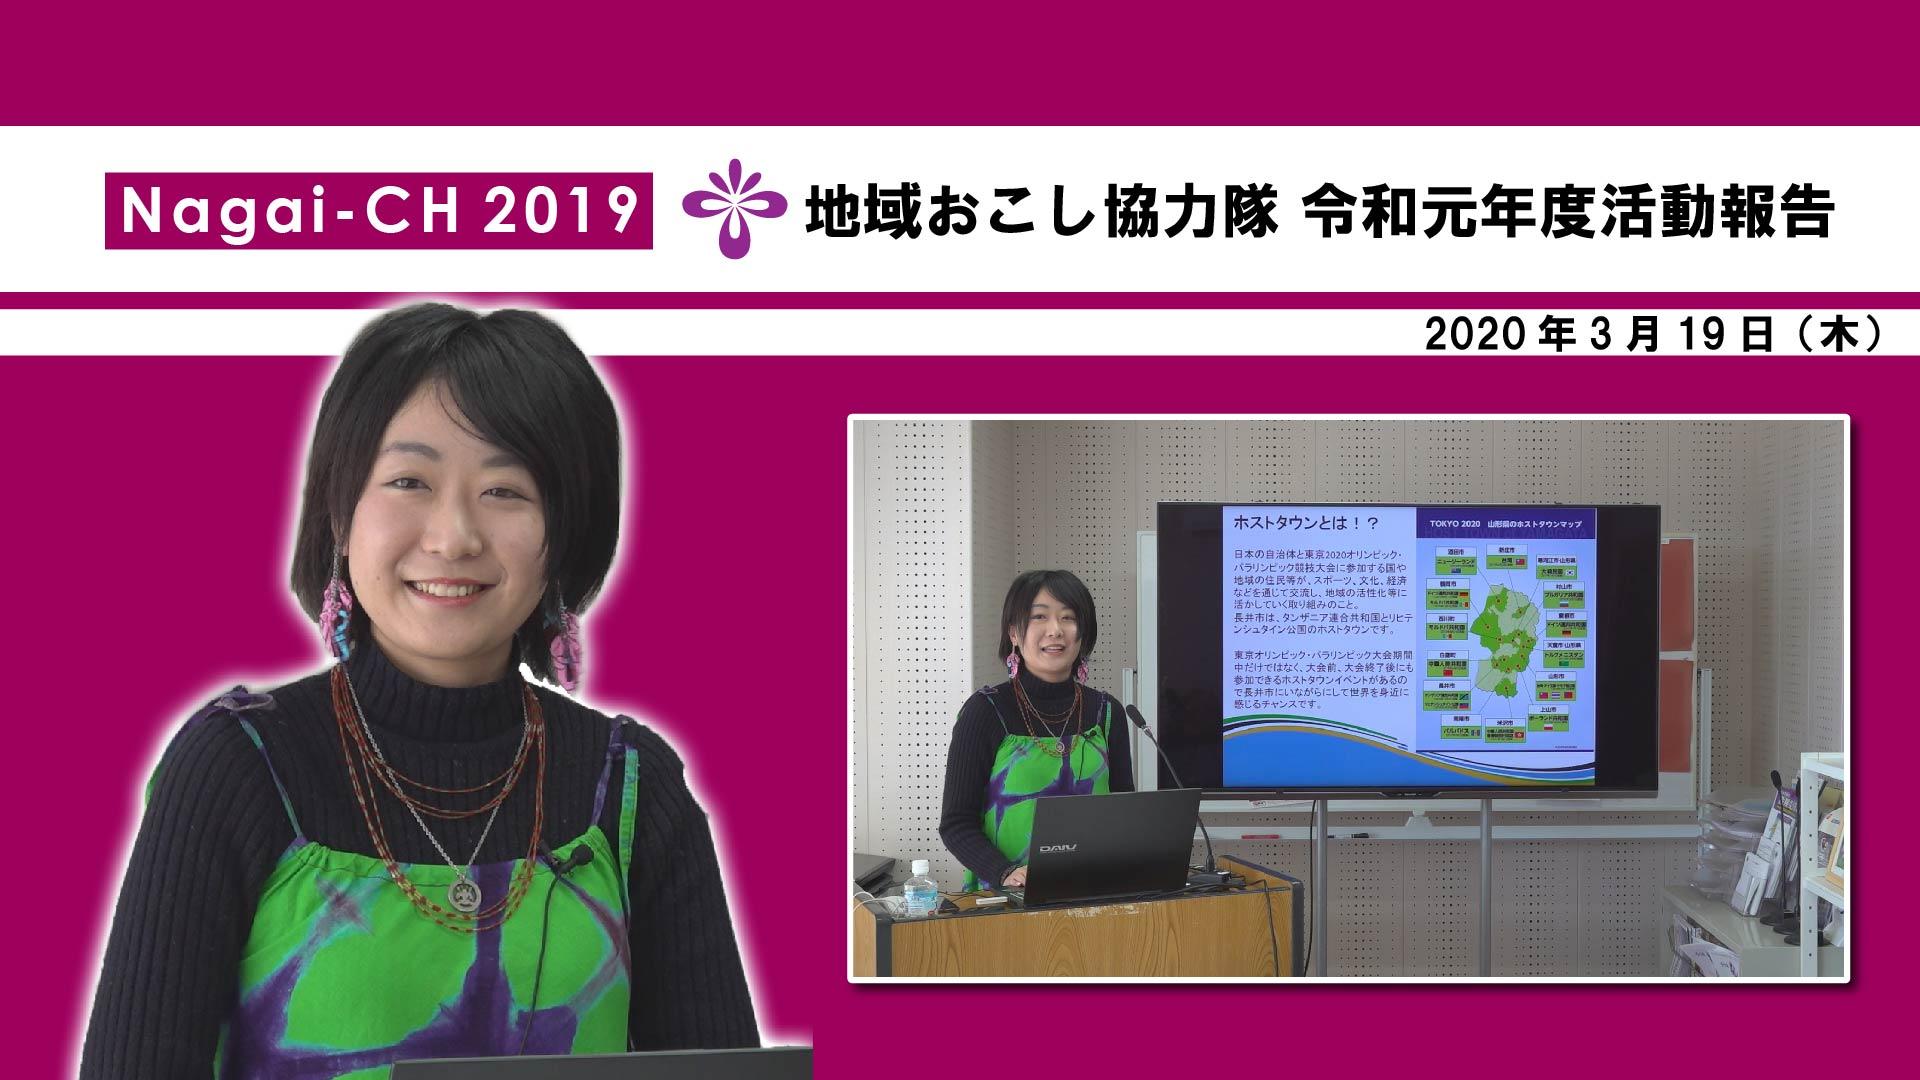 【長井市】地域おこし協力隊 令和元年度活動報告<所里帆さん>(令和2年3月19日) :画像